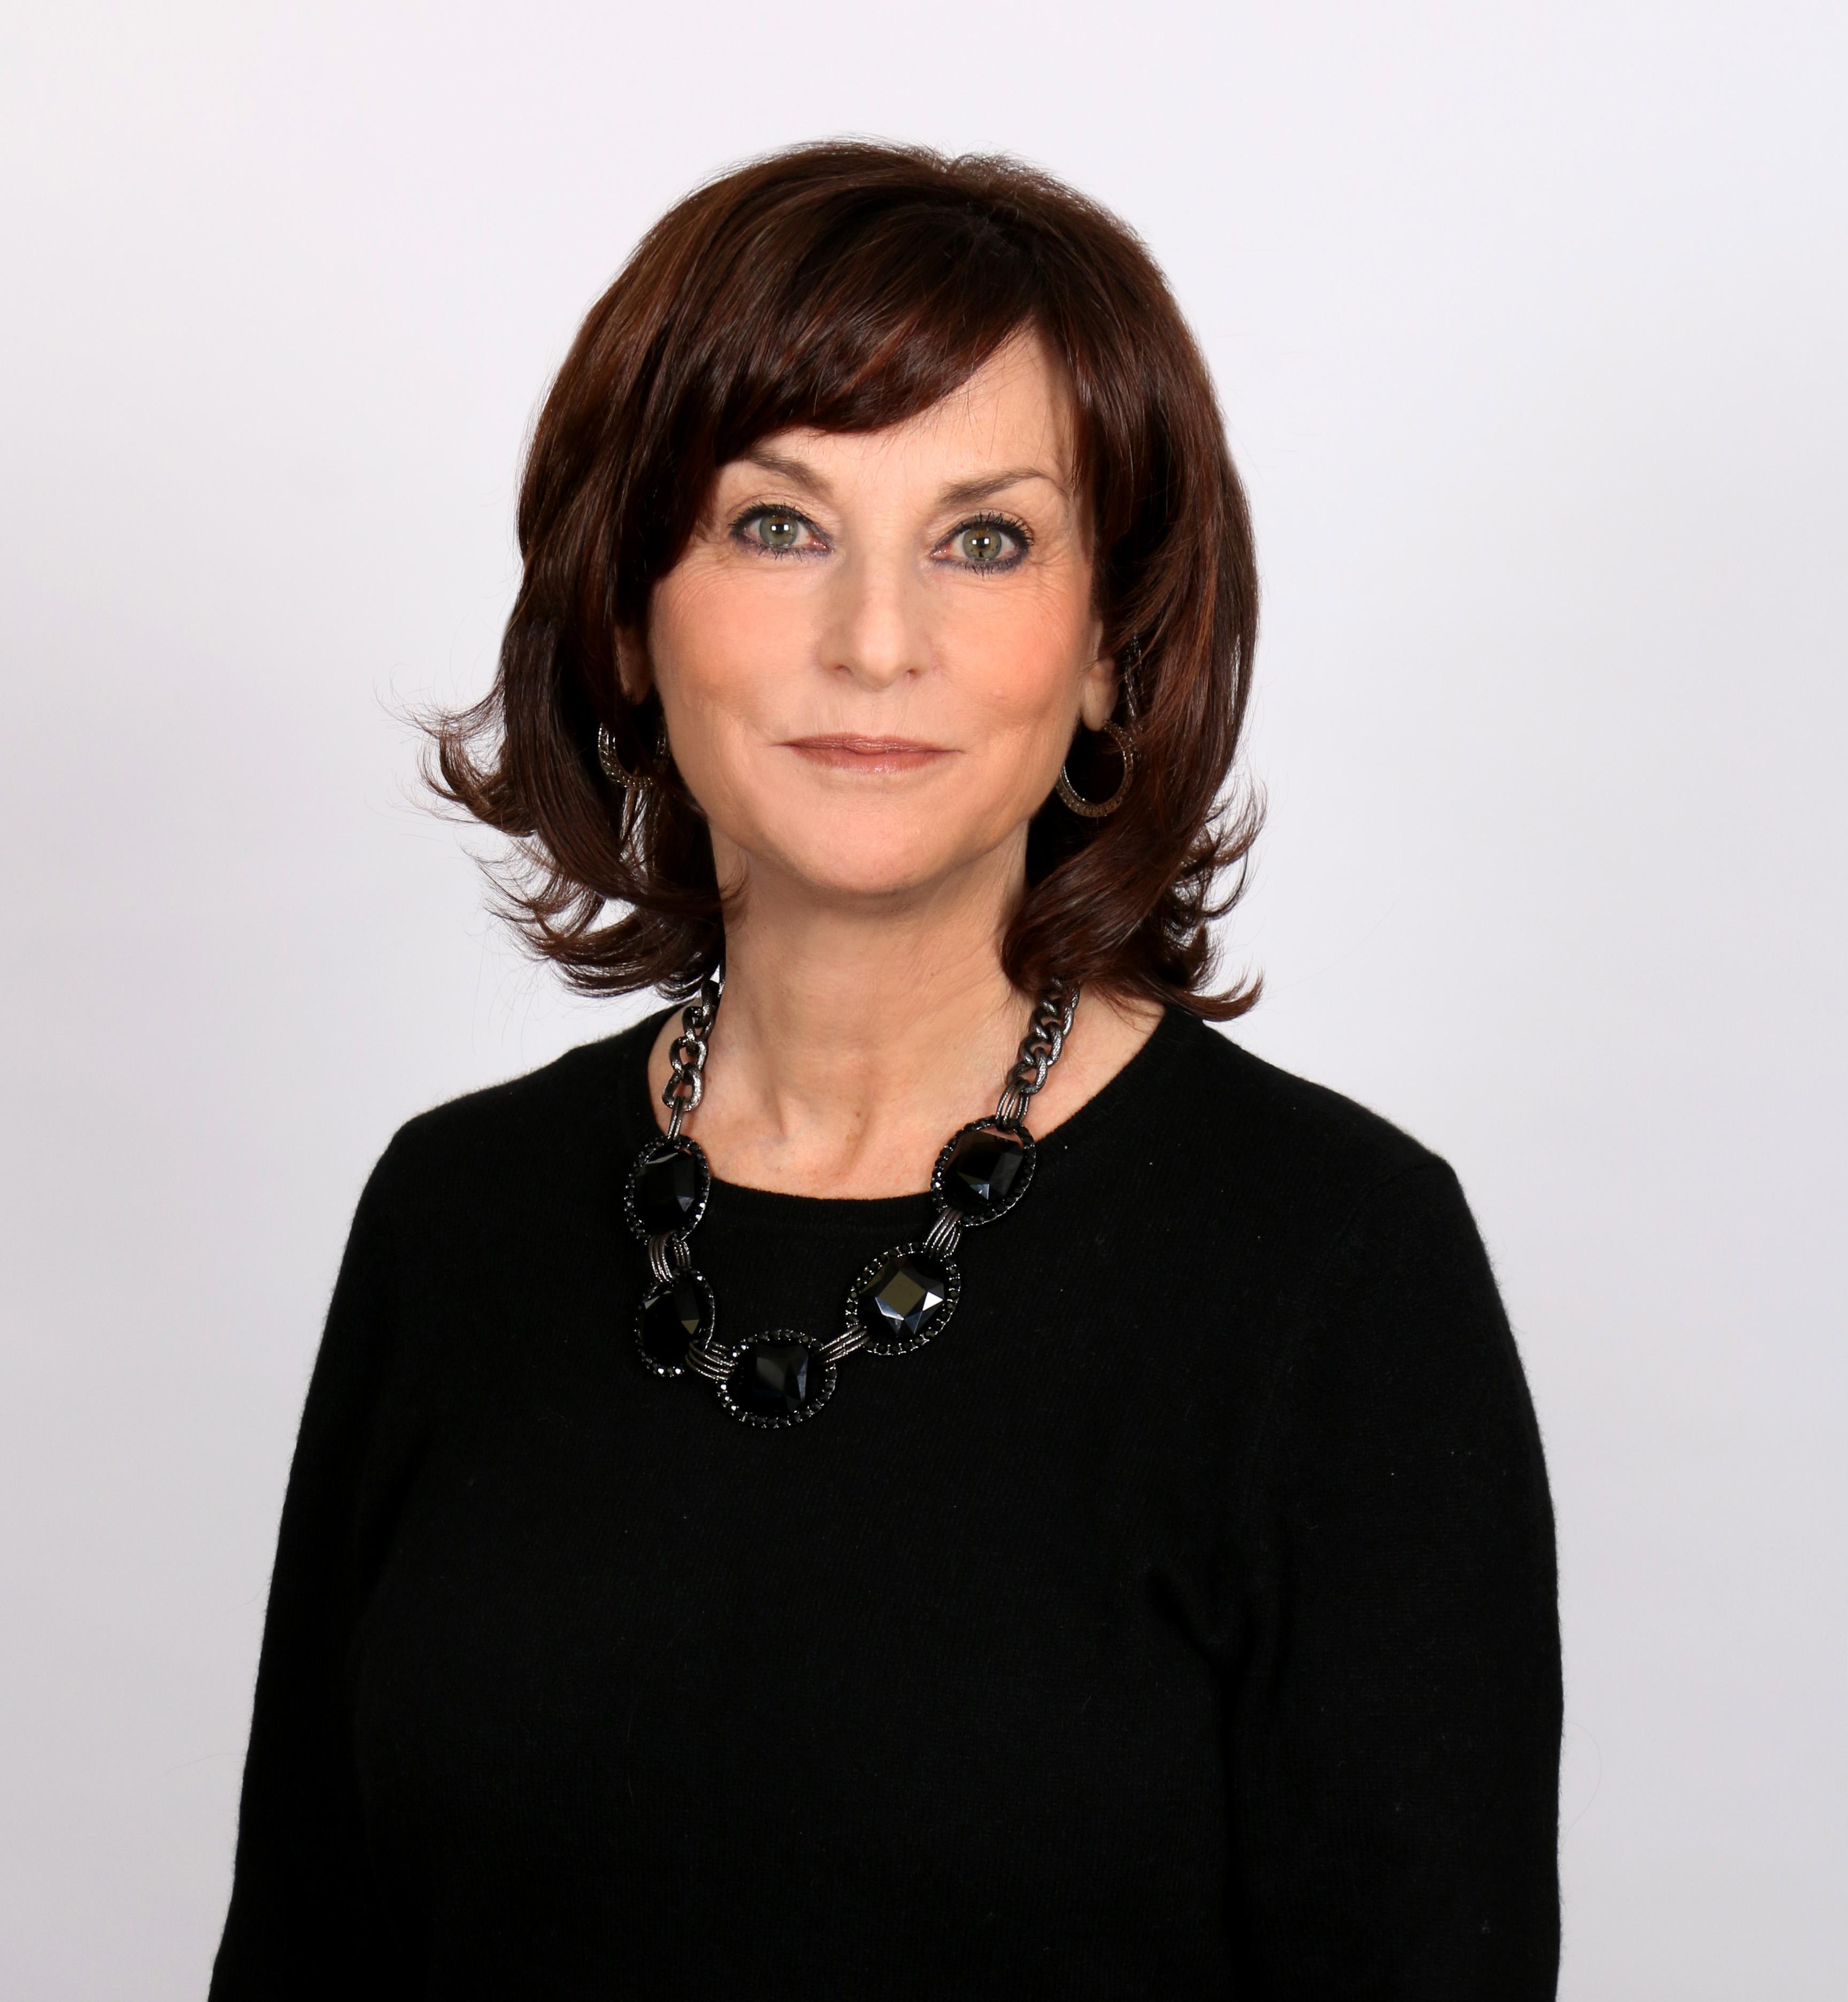 Marjorie Meyers